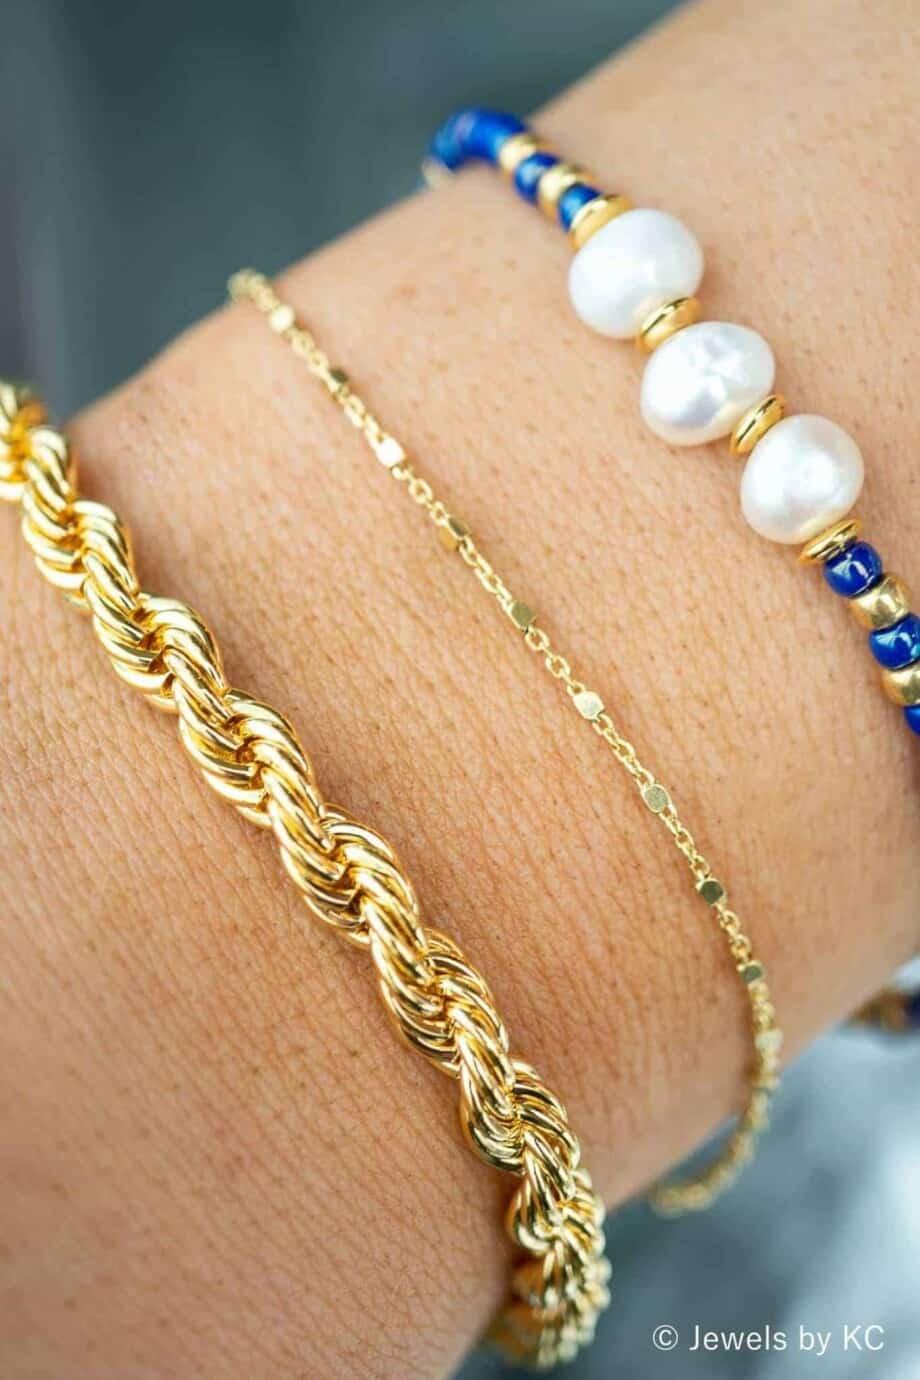 Gouden armband 'Chain bar' van Goud op Zilver